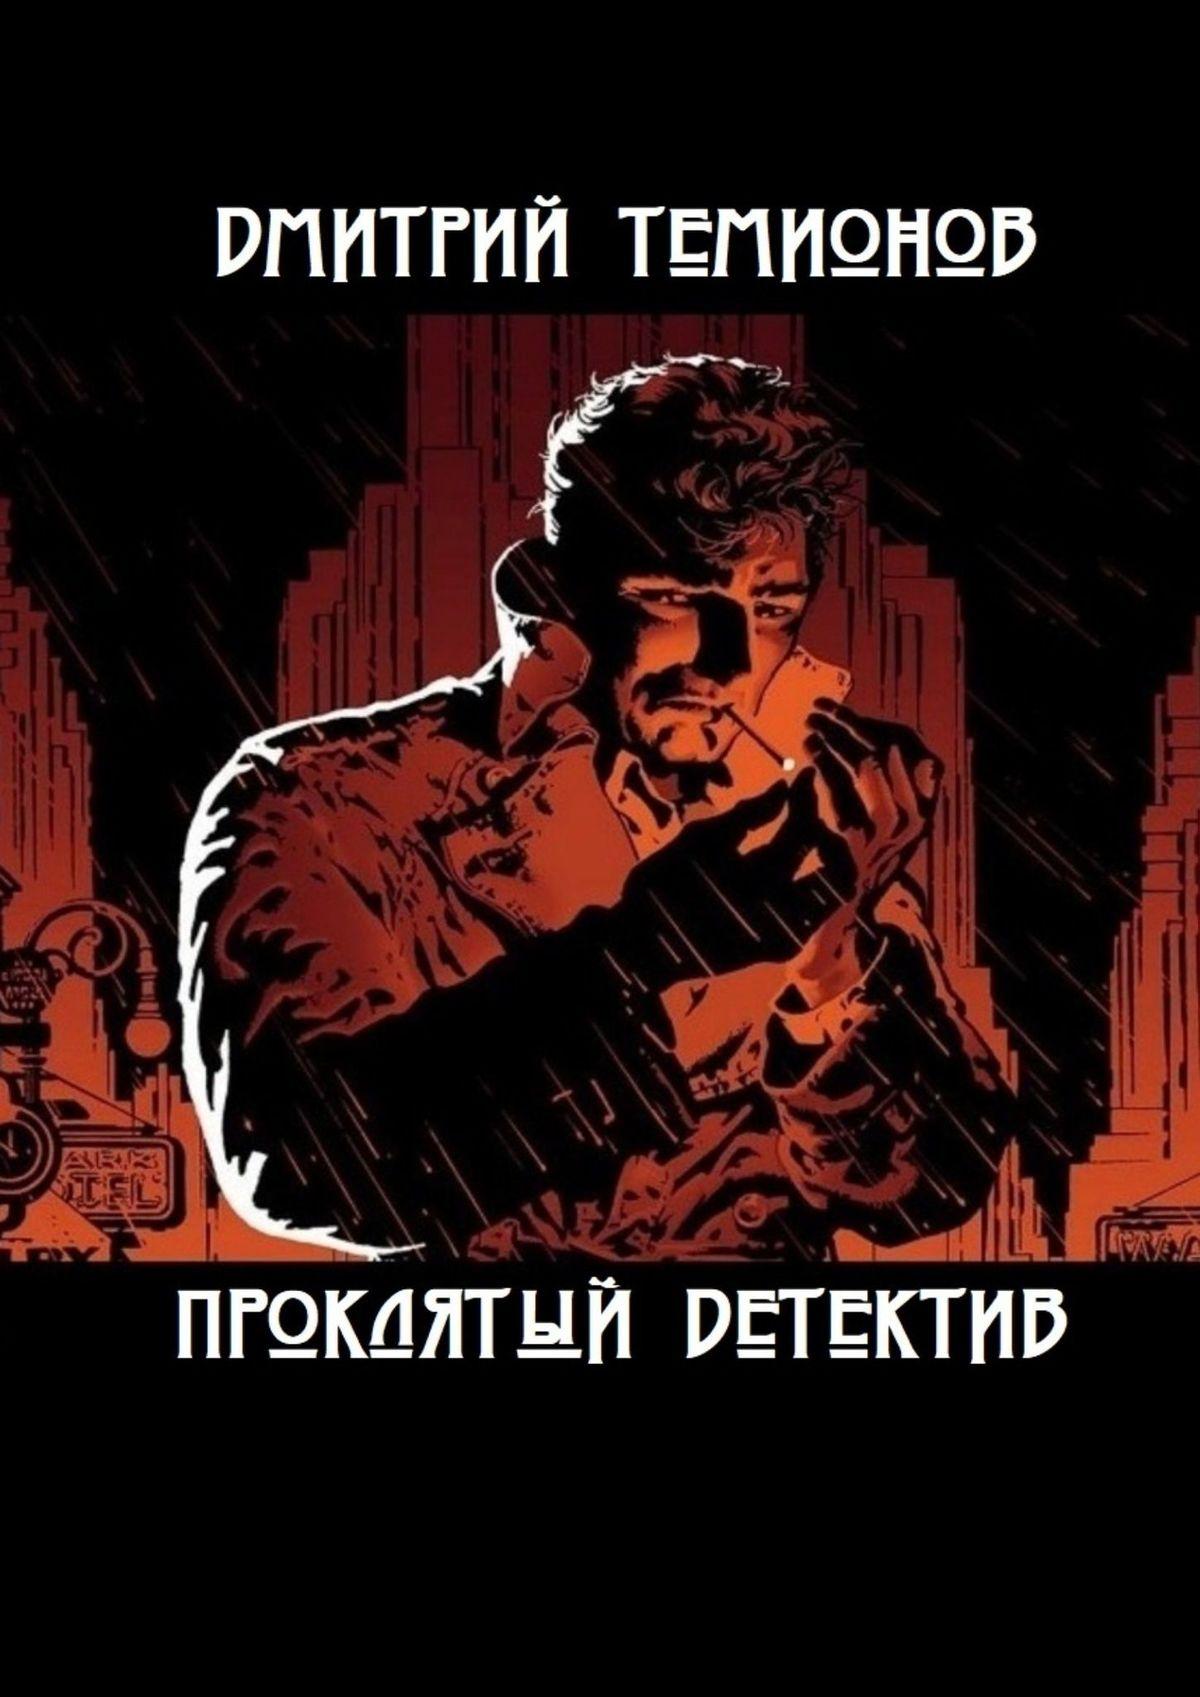 Купить книгу Проклятый детектив, автора Дмитрия Темионова